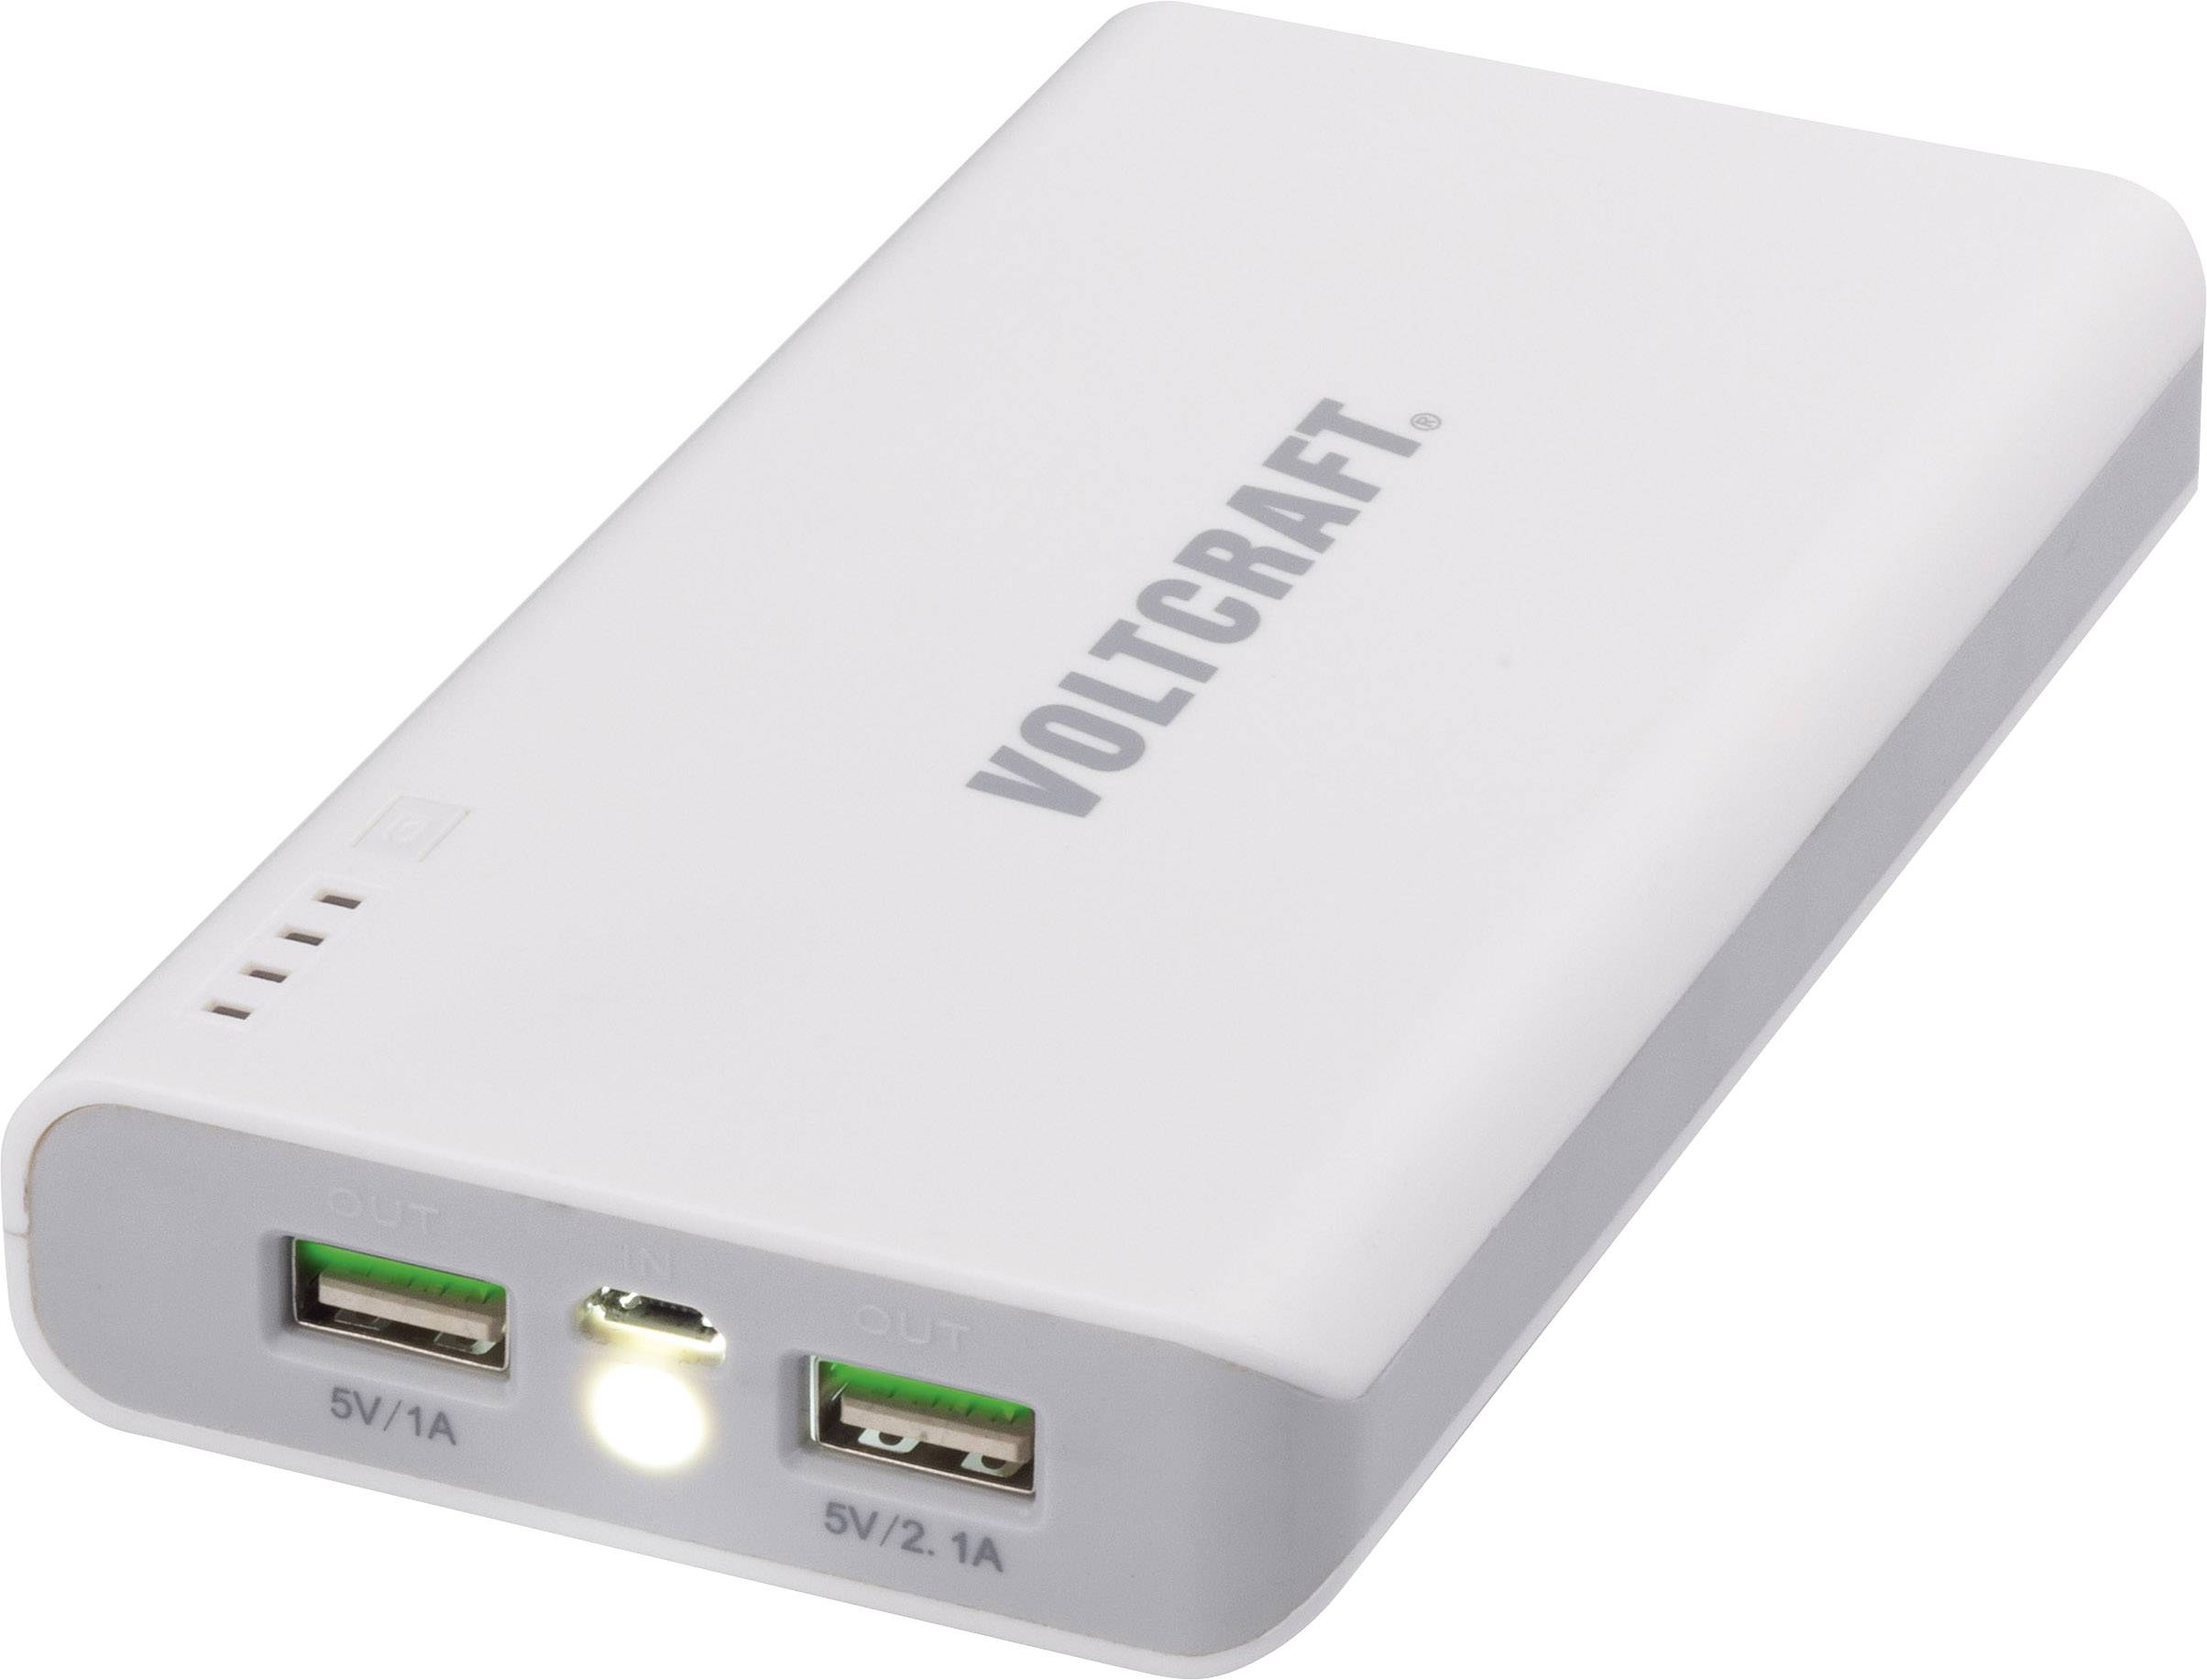 Powerbanka s mini LED svítilnou, VOLTCRAFT PB-9, pro 2 zařízení